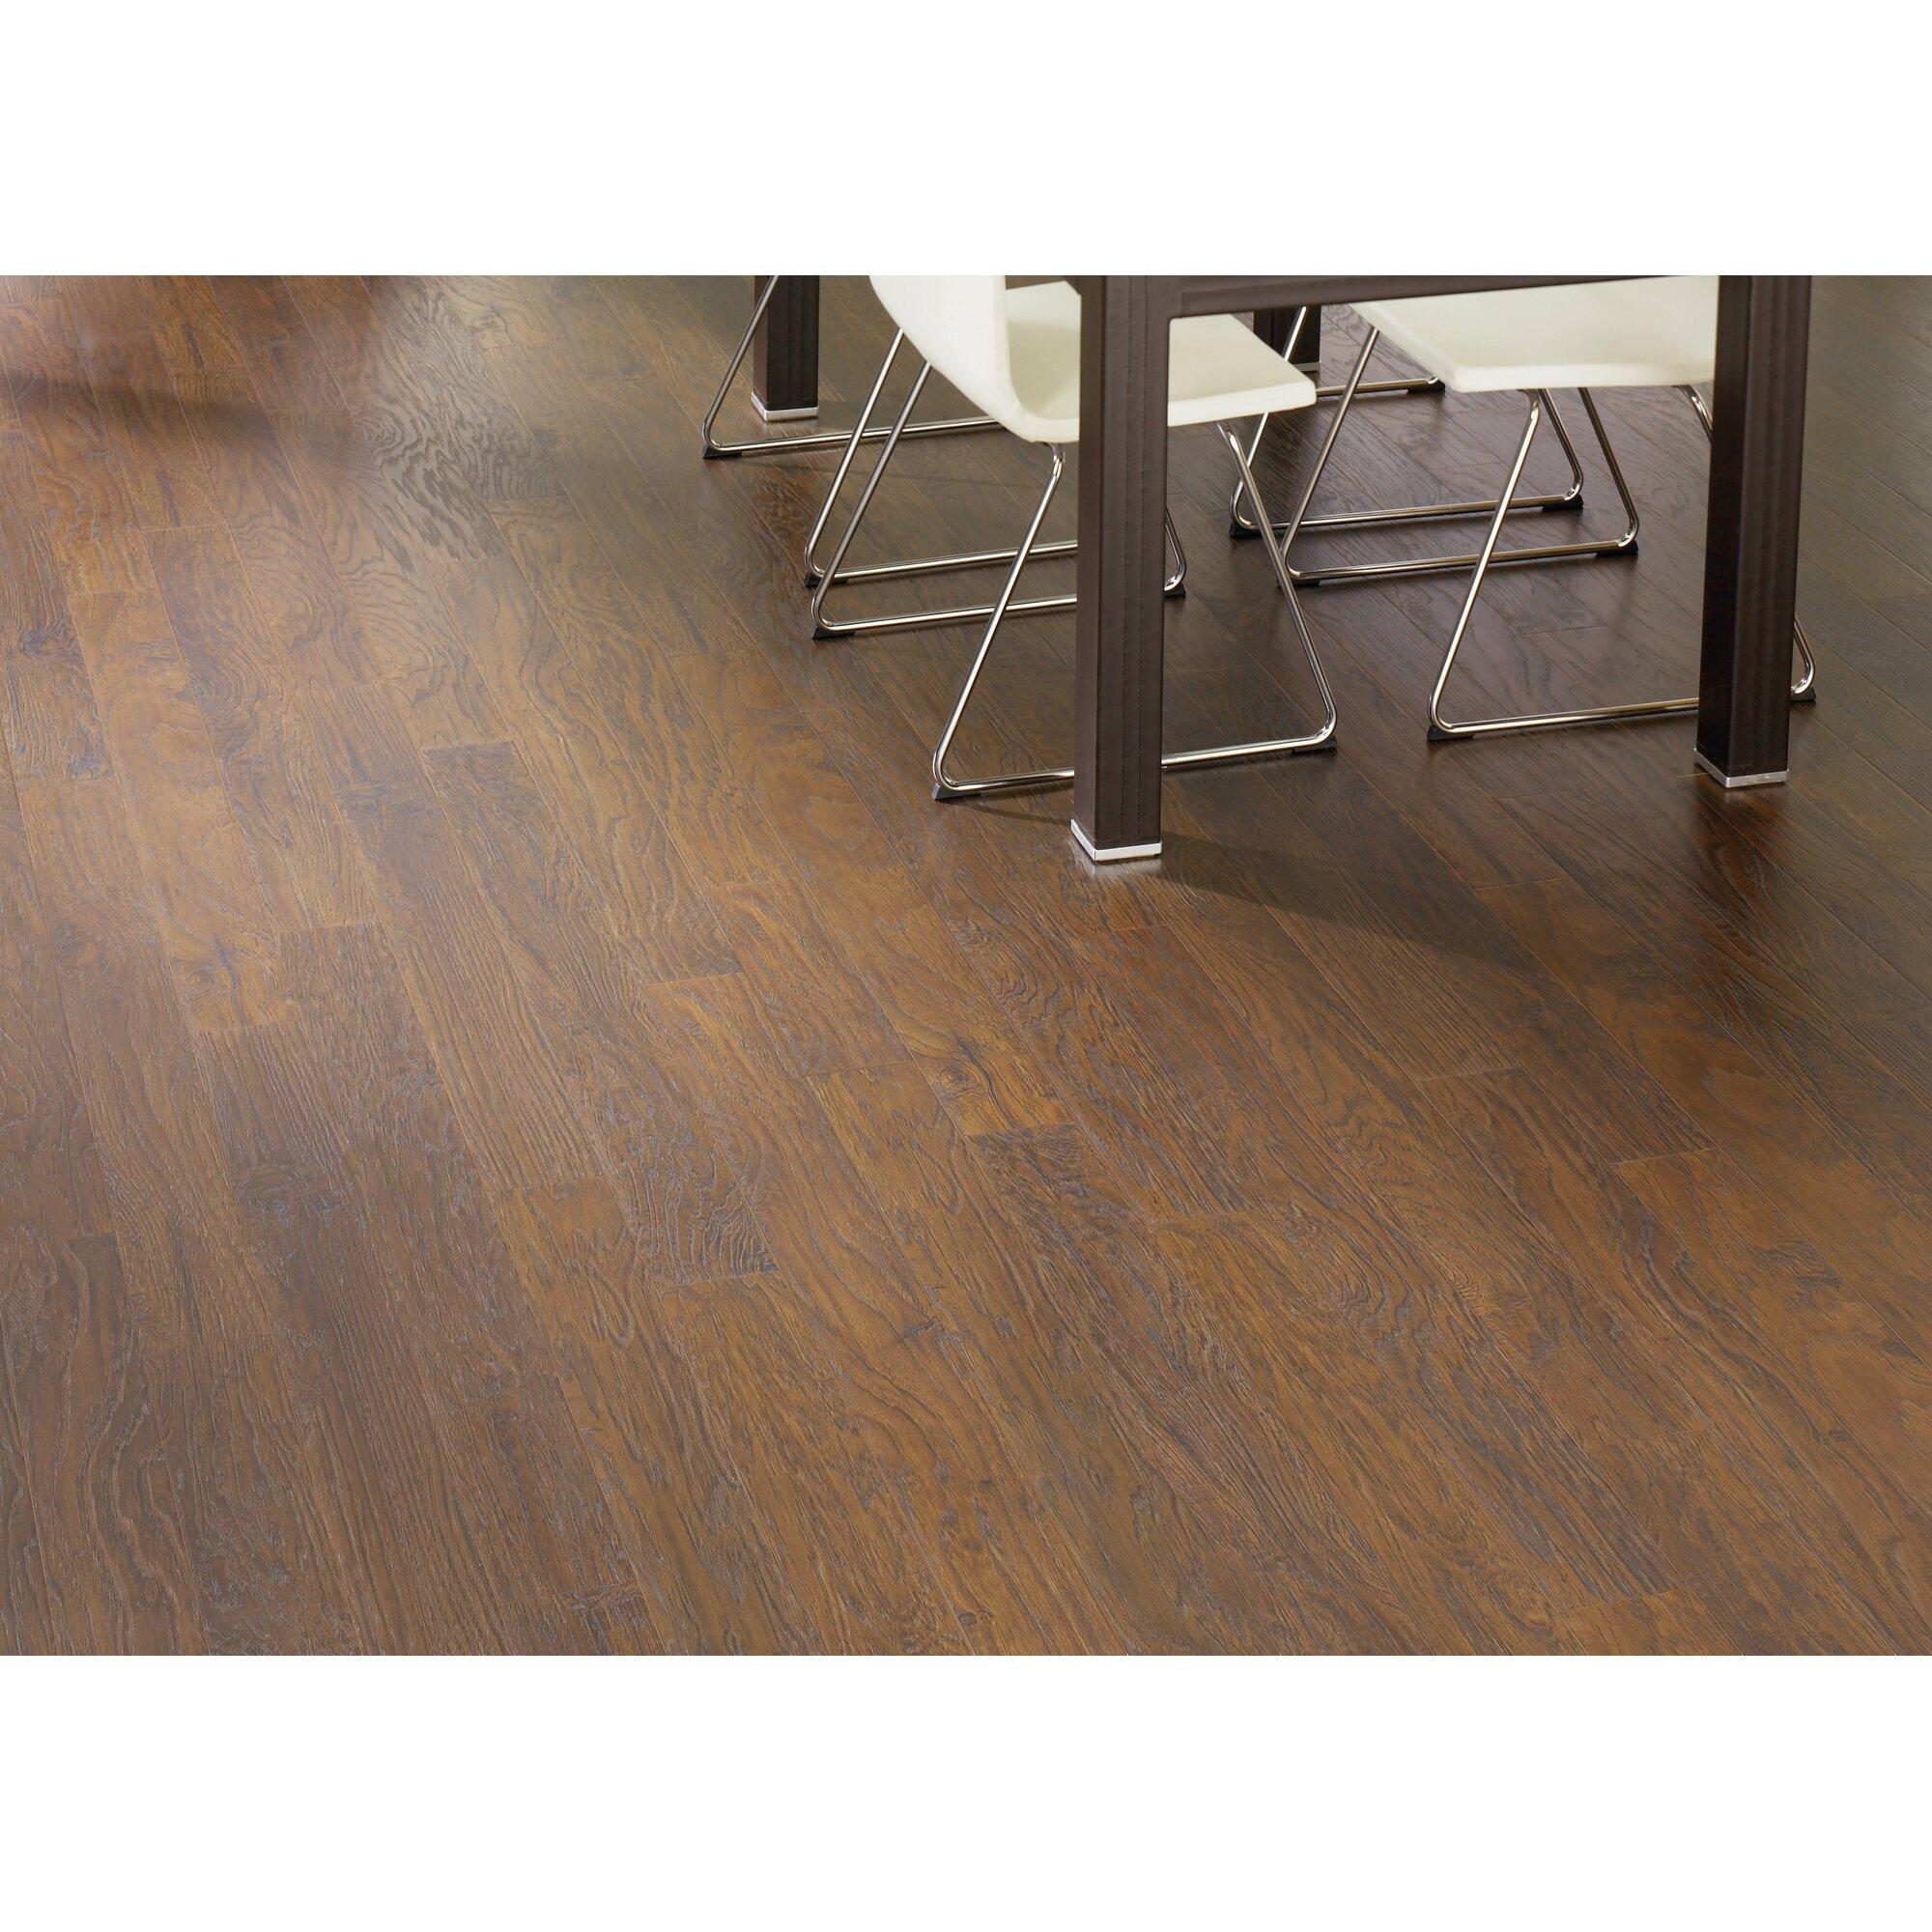 Oak Laminate Flooring allen roth 496 in w x 423 ft l lodge oak handscraped wood Barfield 5 X 47 X 8mm Oak Laminate In Barnwood Oak